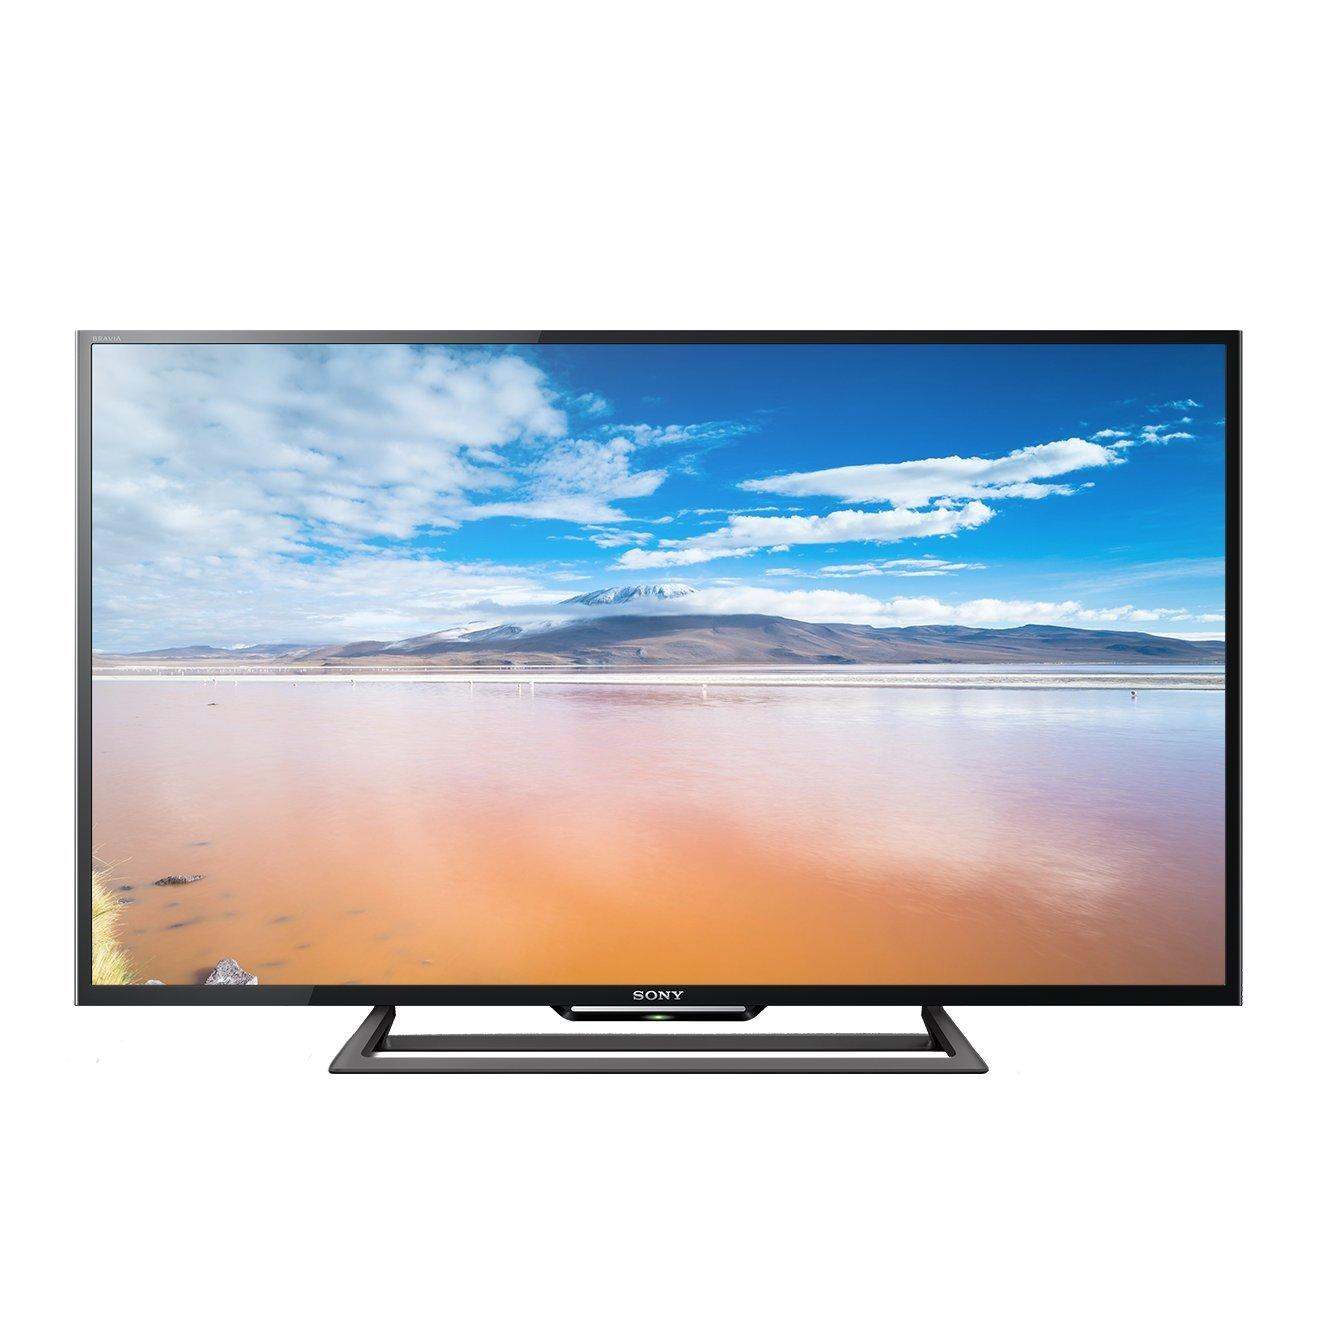 Sony KDL-40R550C - Televisor 40